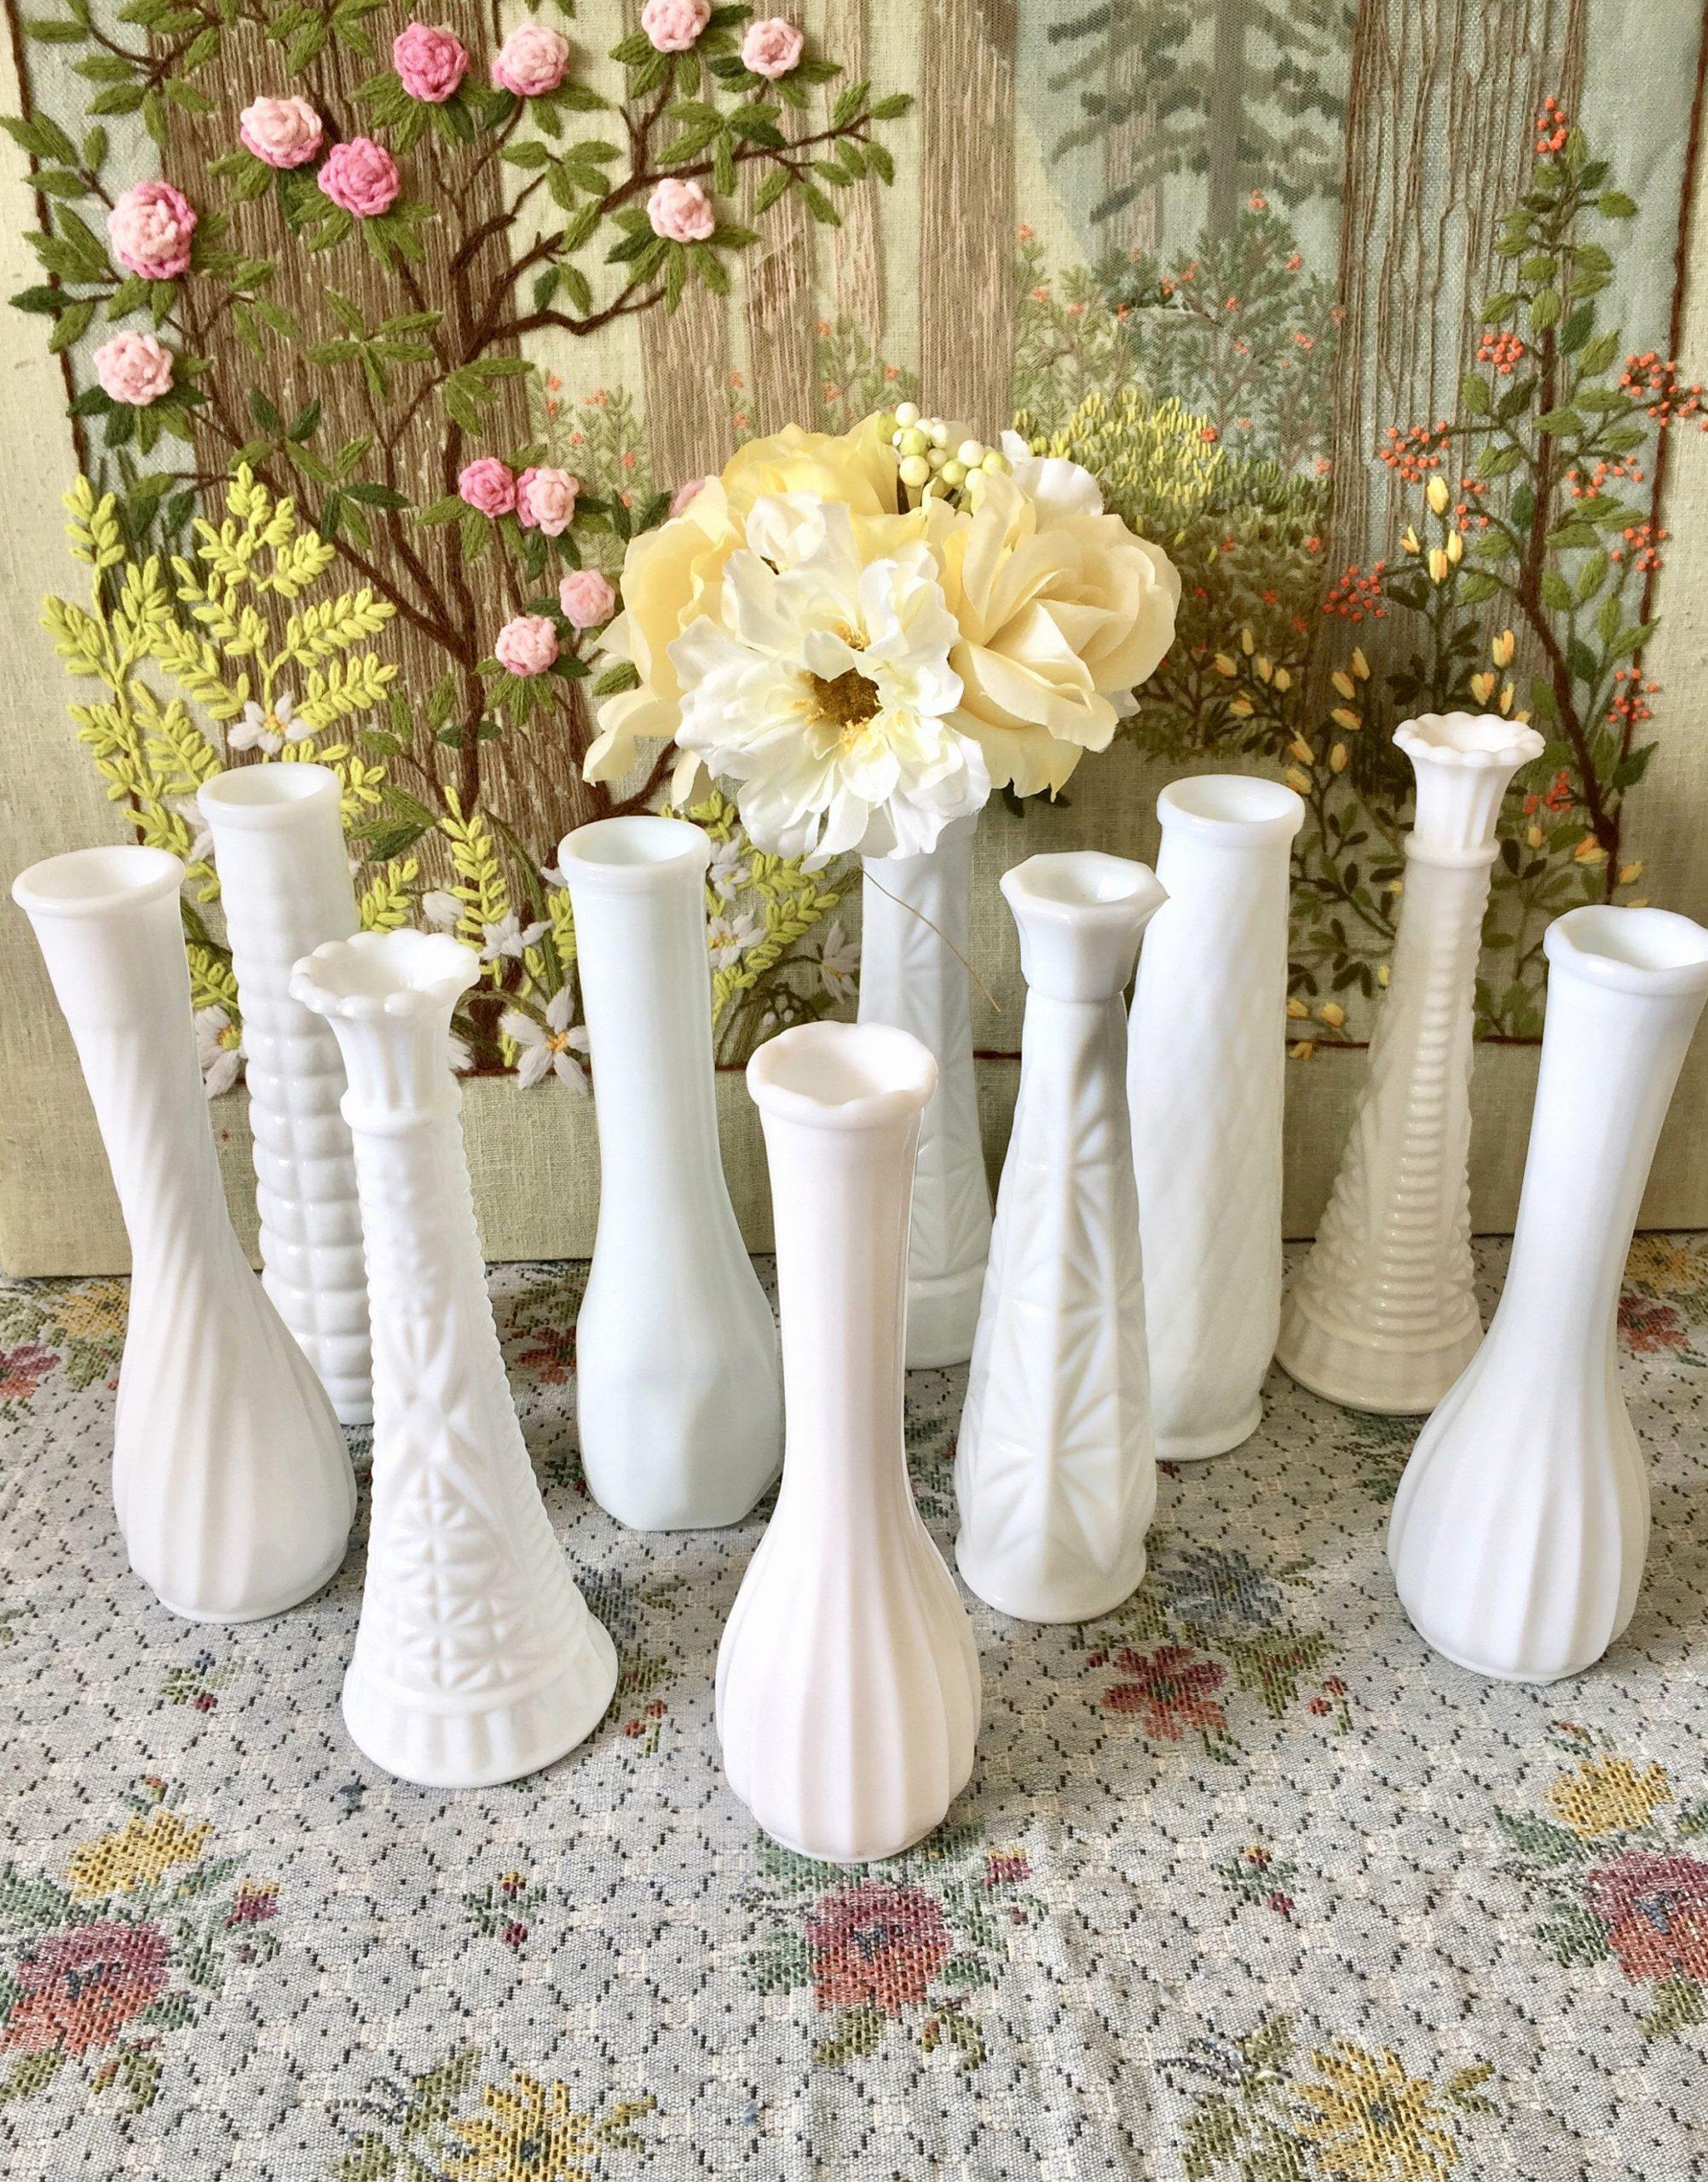 13 Unique Bulk Order Vases Decorative Vase Ideas intended for measurements 2348 X 3000